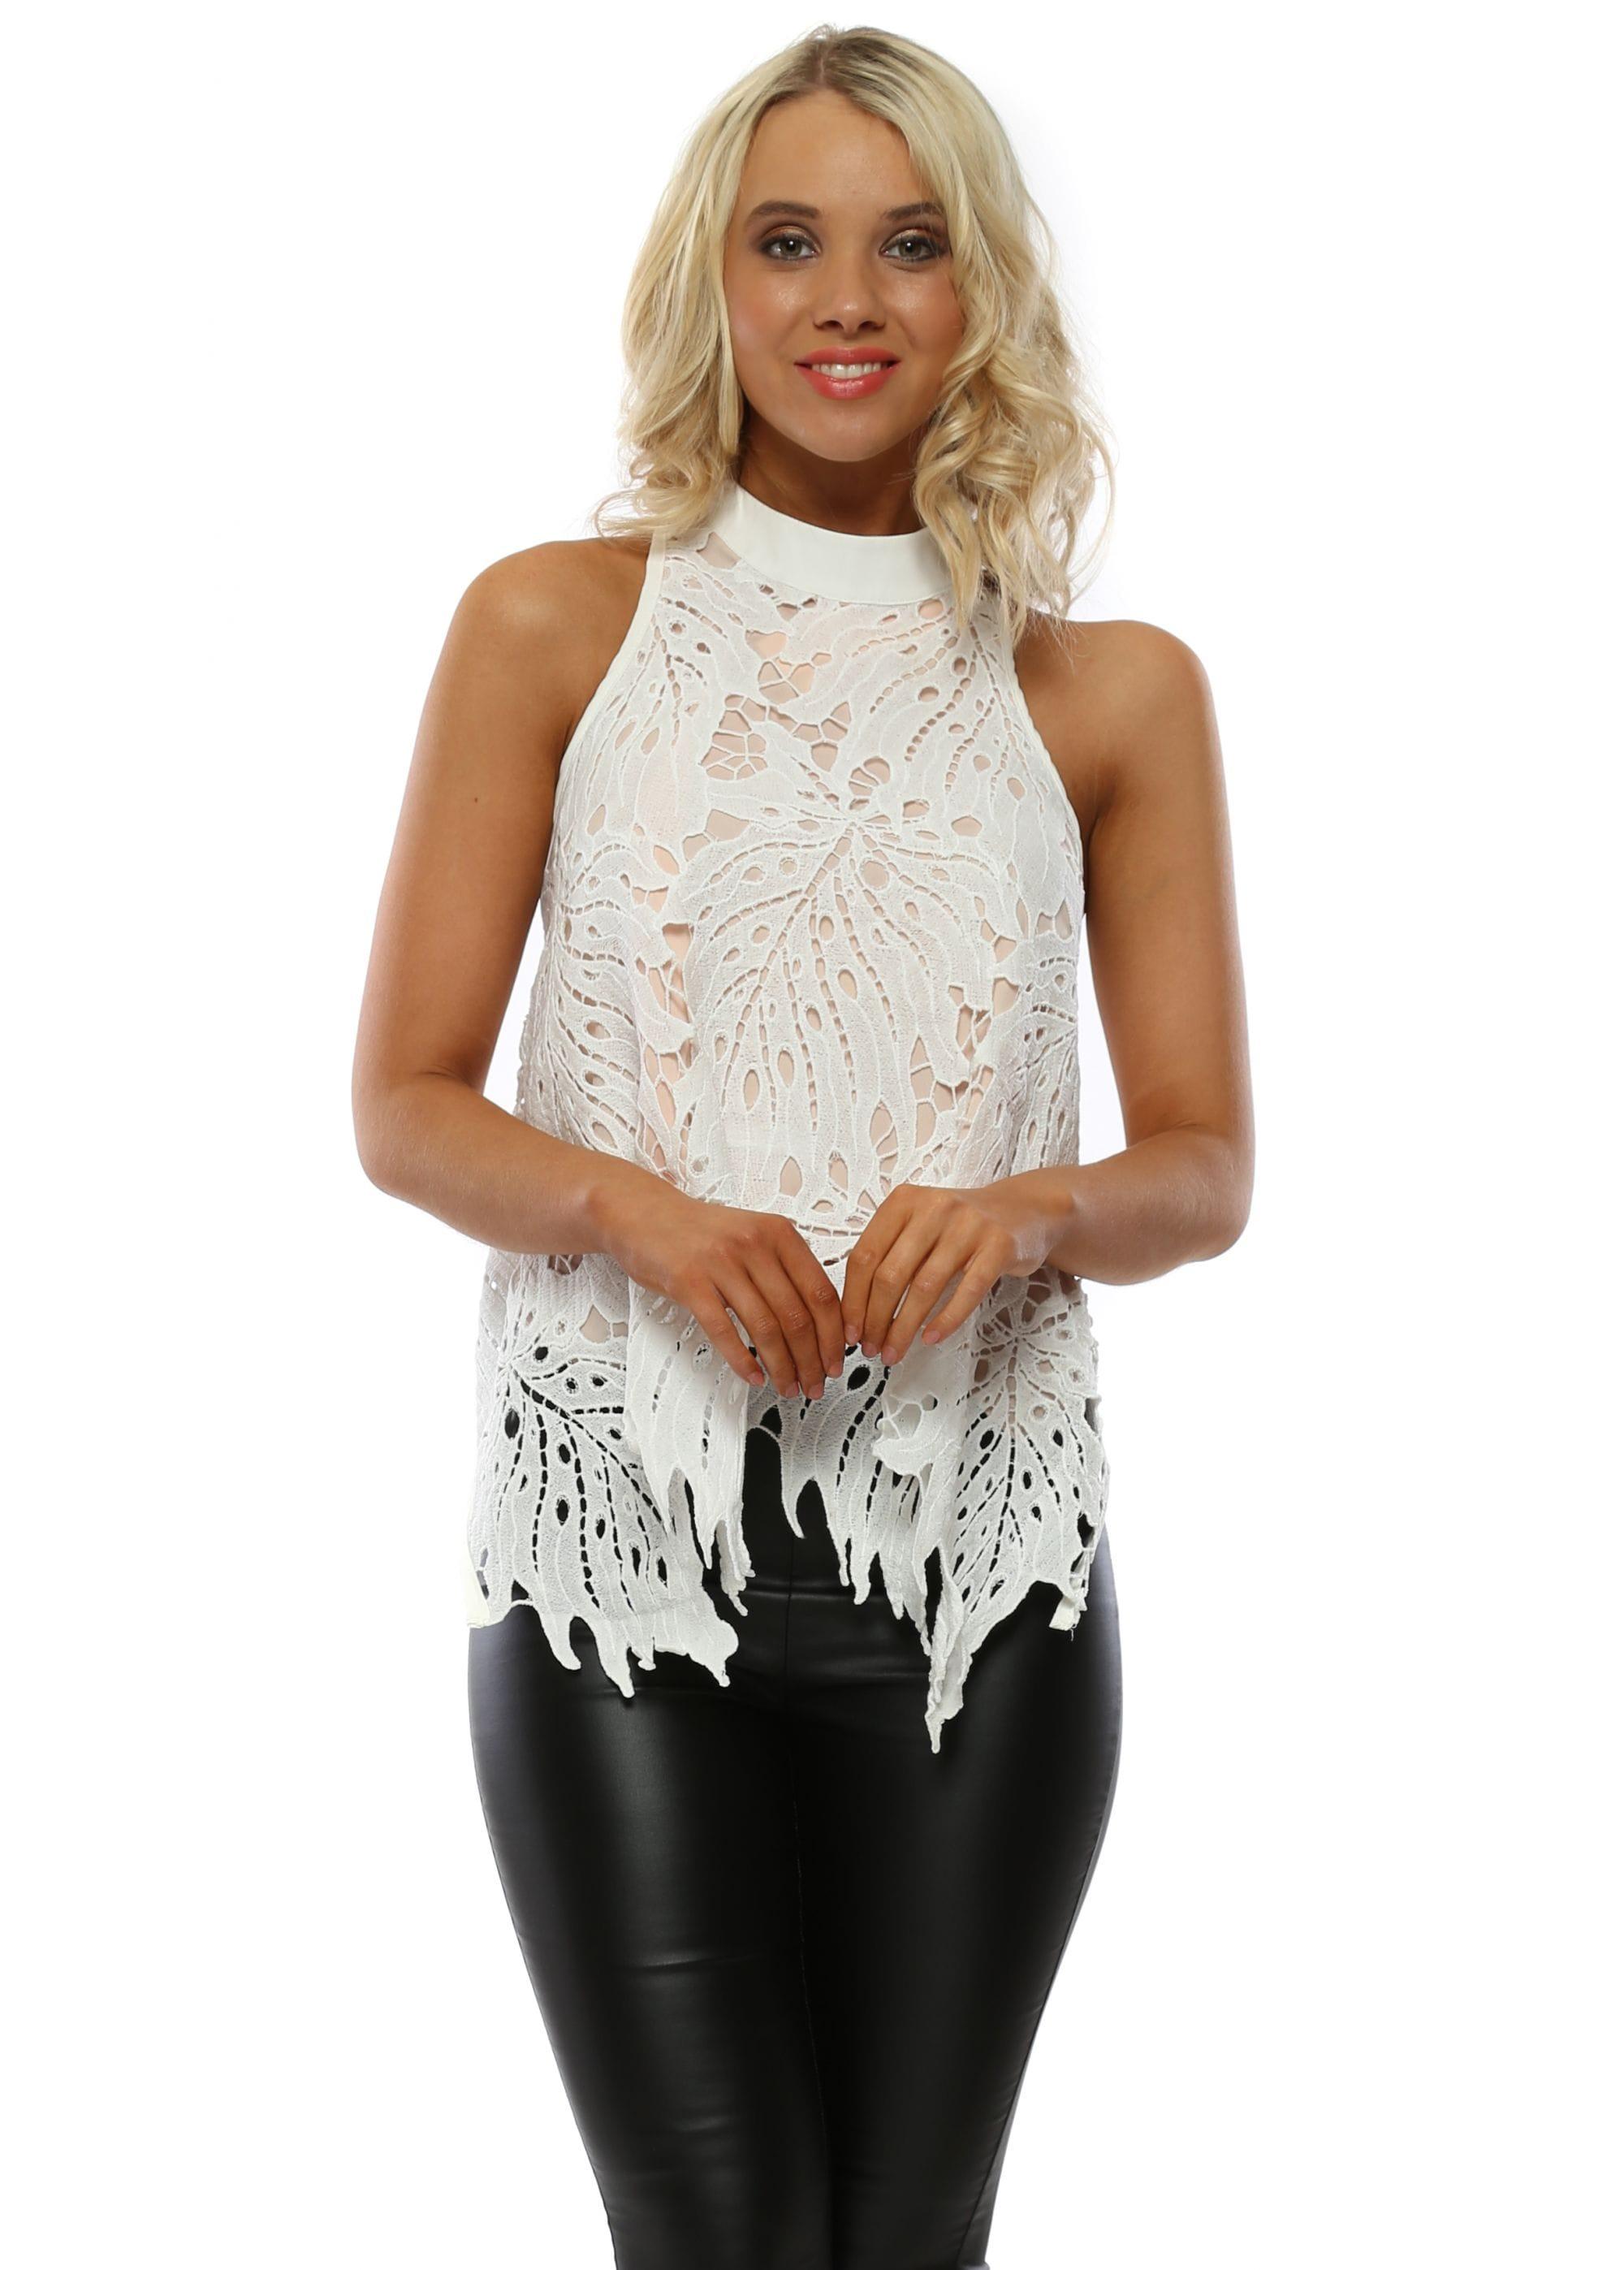 Lace Halter Neck Top | Women's Halter Neck Tops | Designer ...